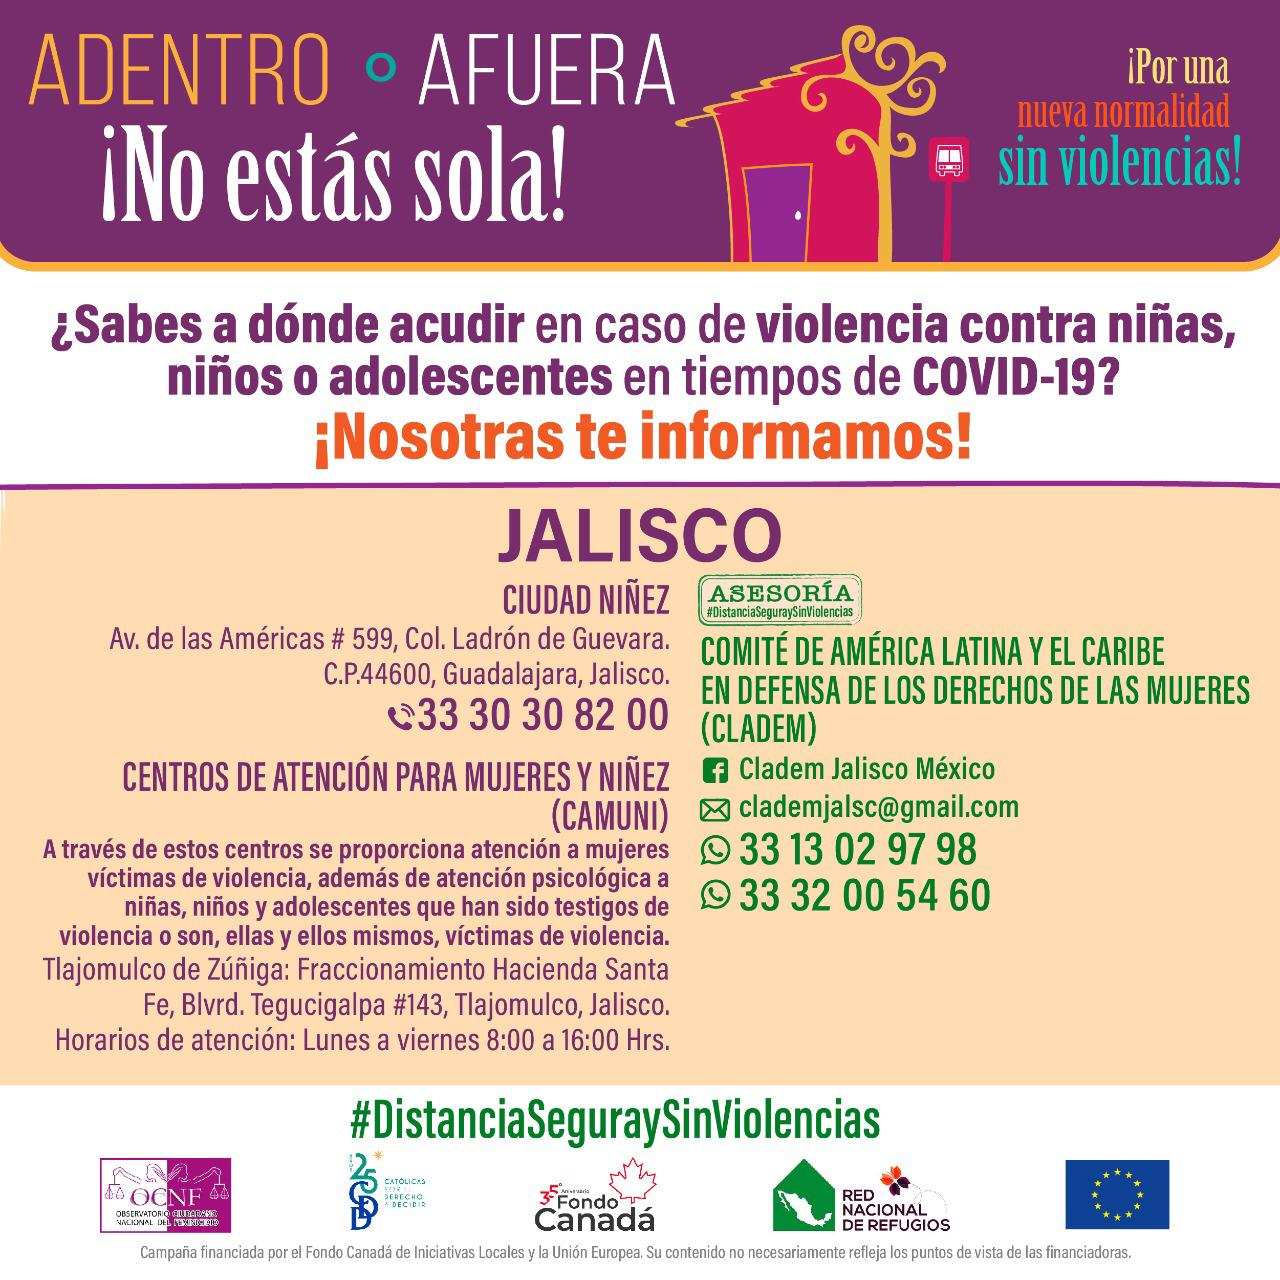 ¿Sabes a dónde acudir en caso de violencia contra niñas, niños o adolescentes en tiempos de COVID-19